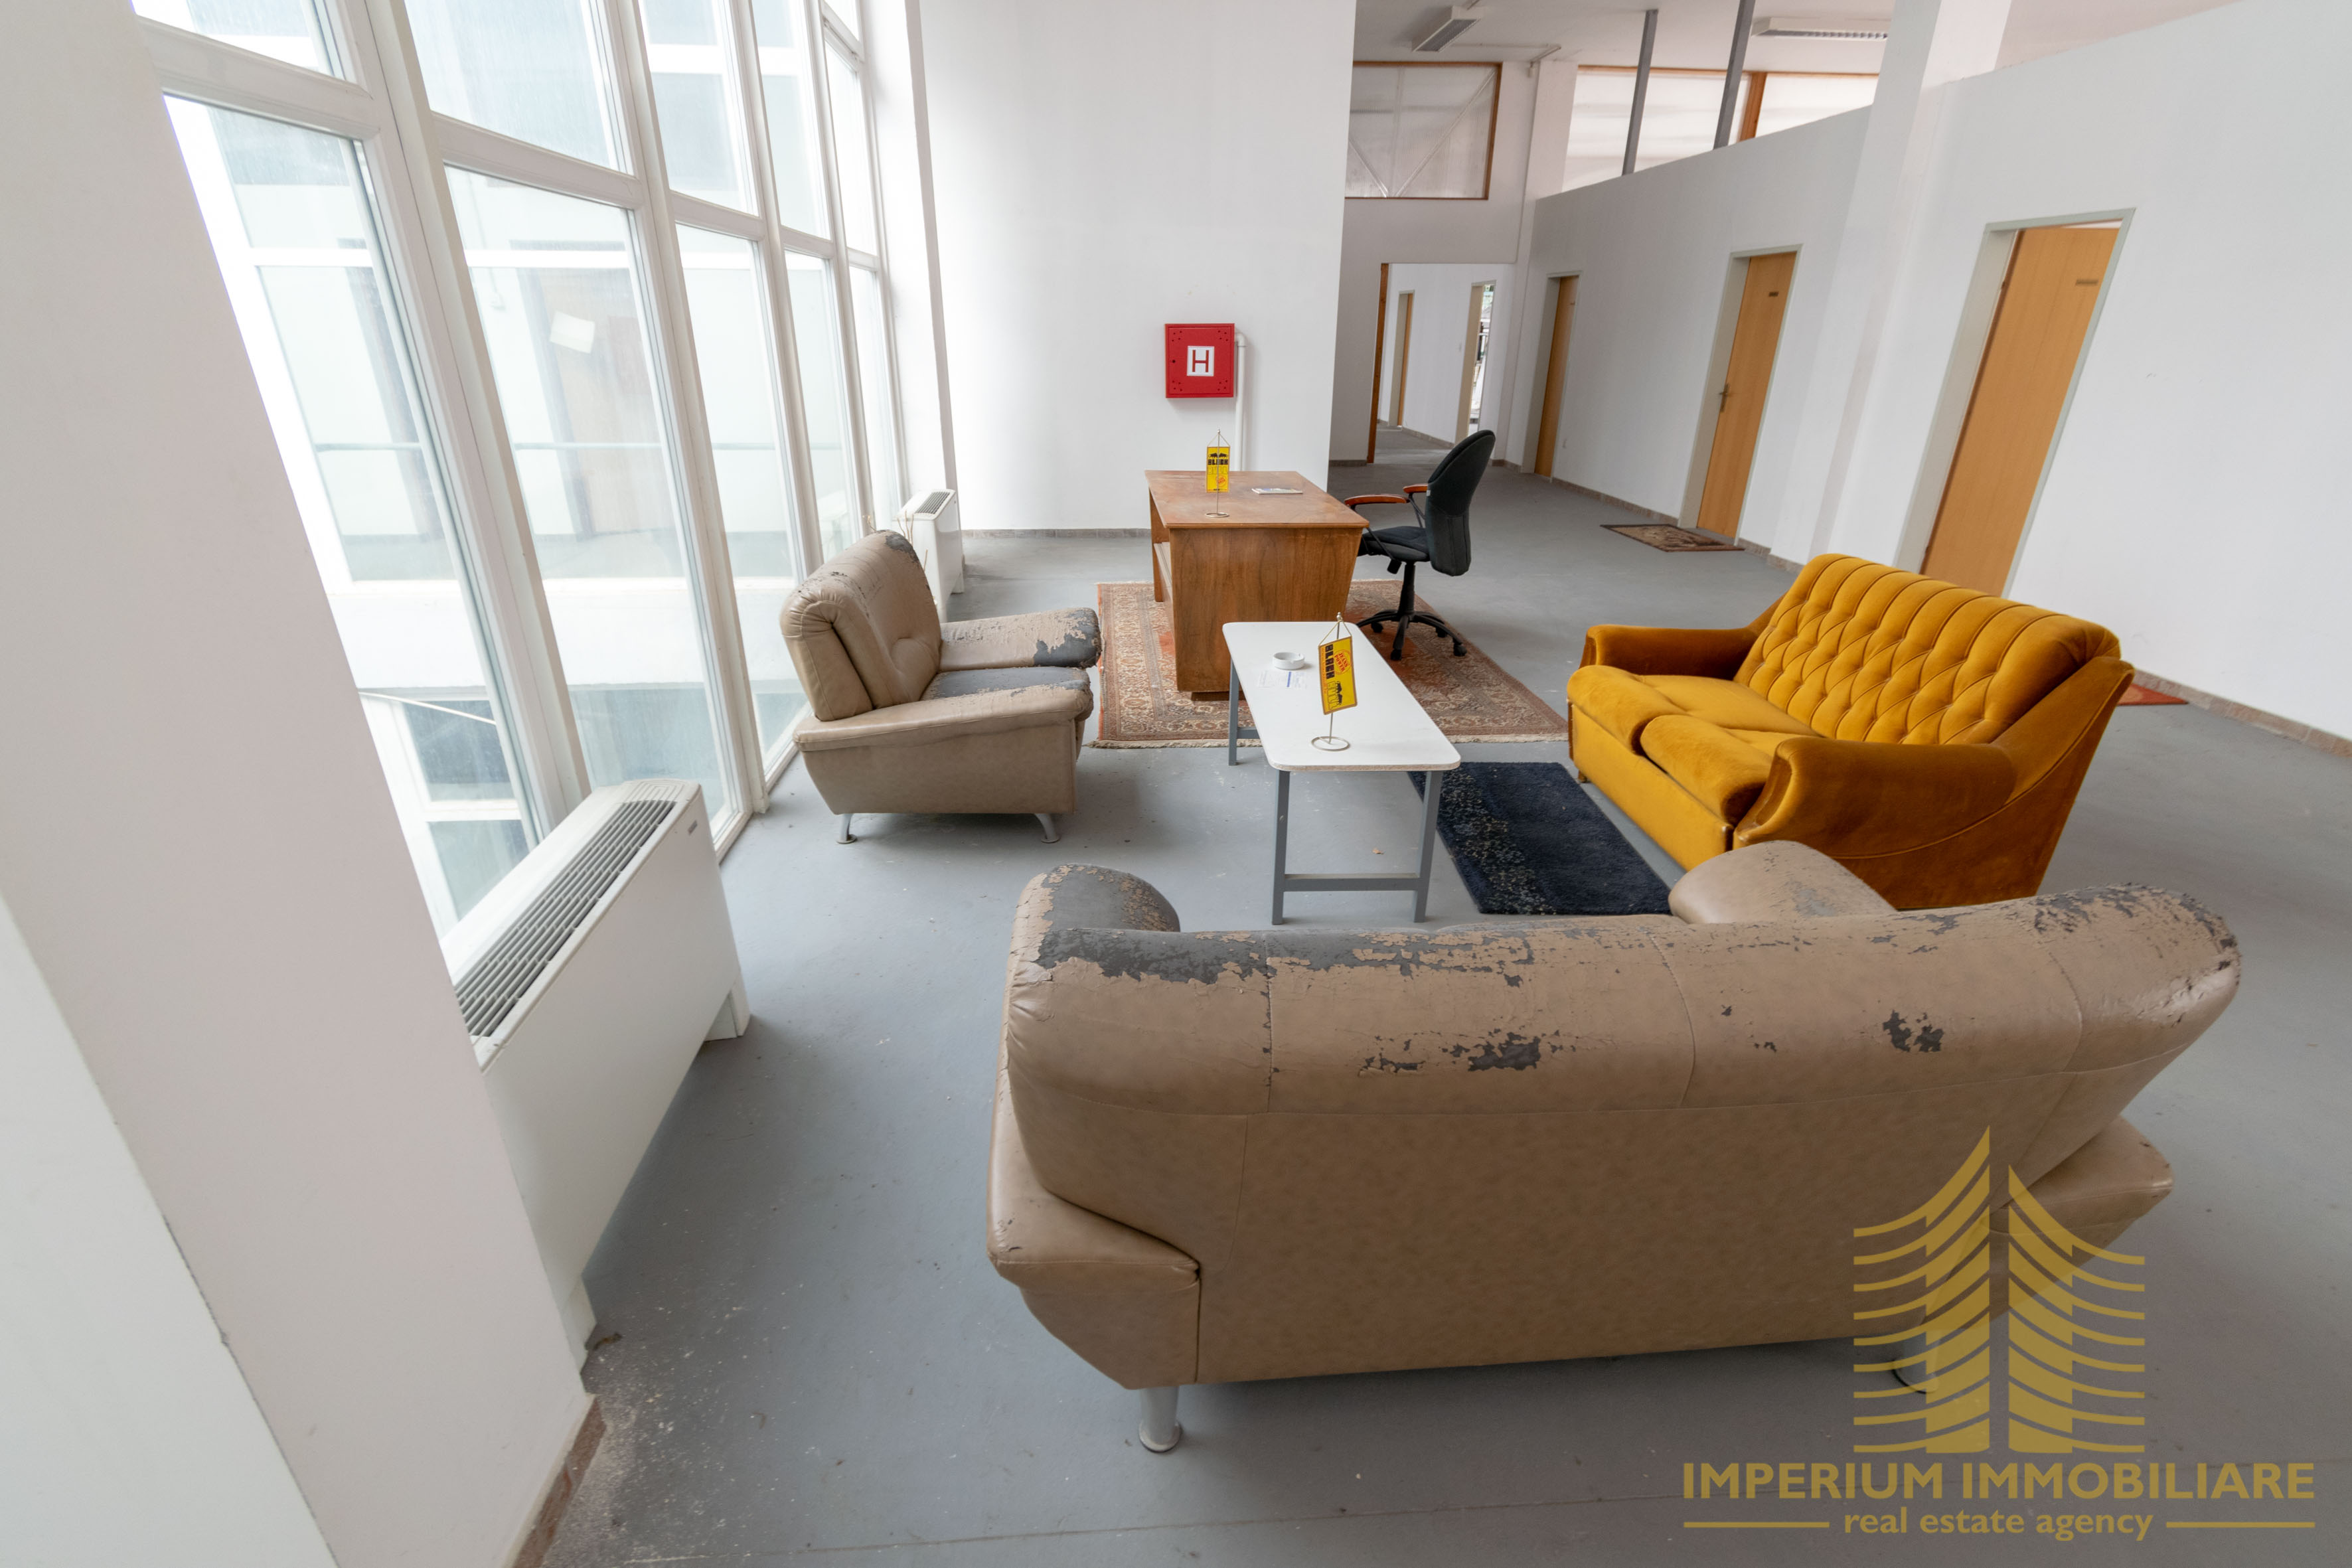 Poslovni prostor: Zagreb (Žitnjak), skladišni/radiona,1600 m2, PRILIKA (iznajmljivanje)